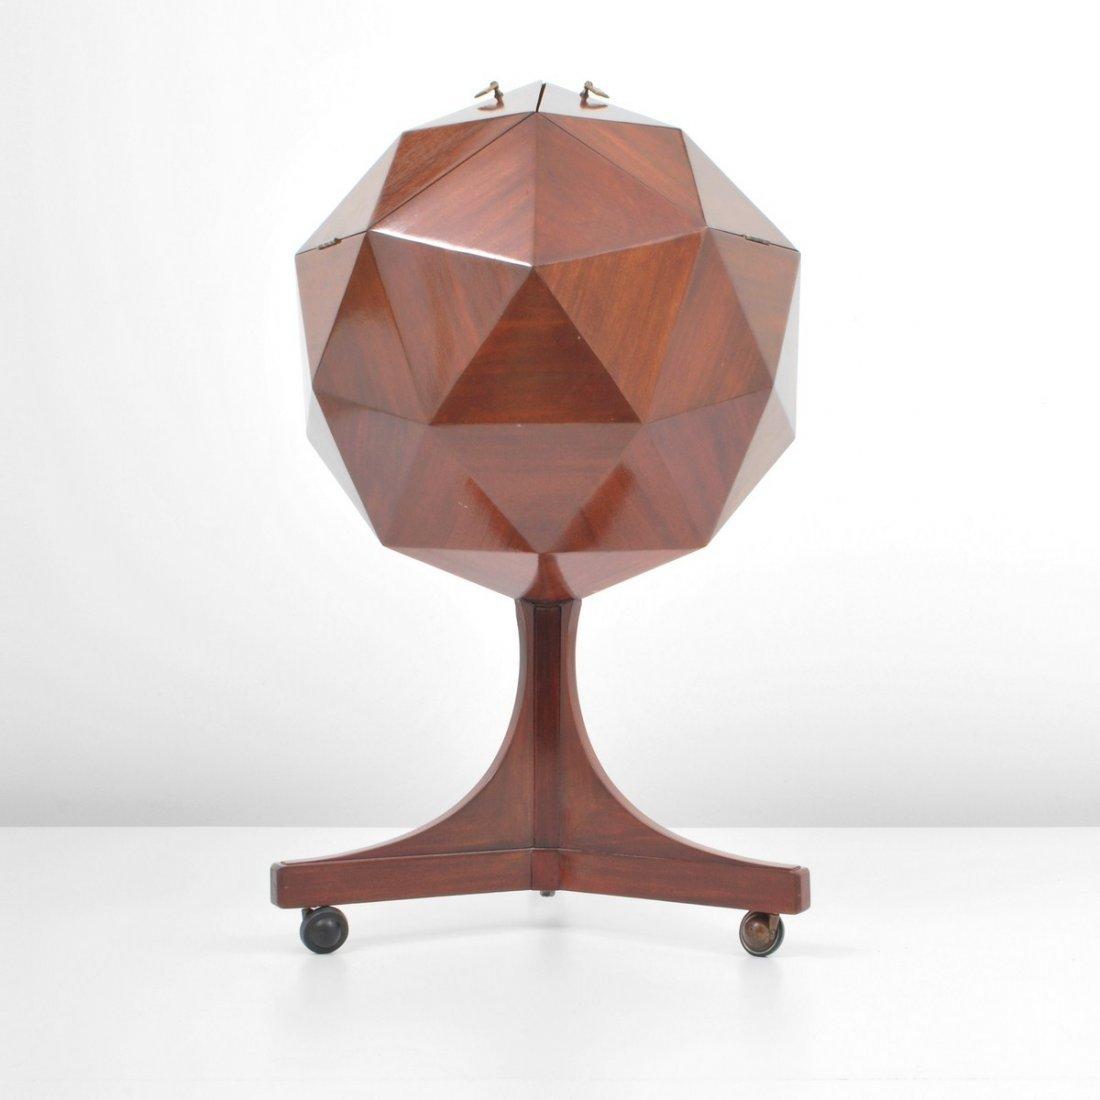 153: Multifaceted Sphere Bar, Ico Parisi - 6